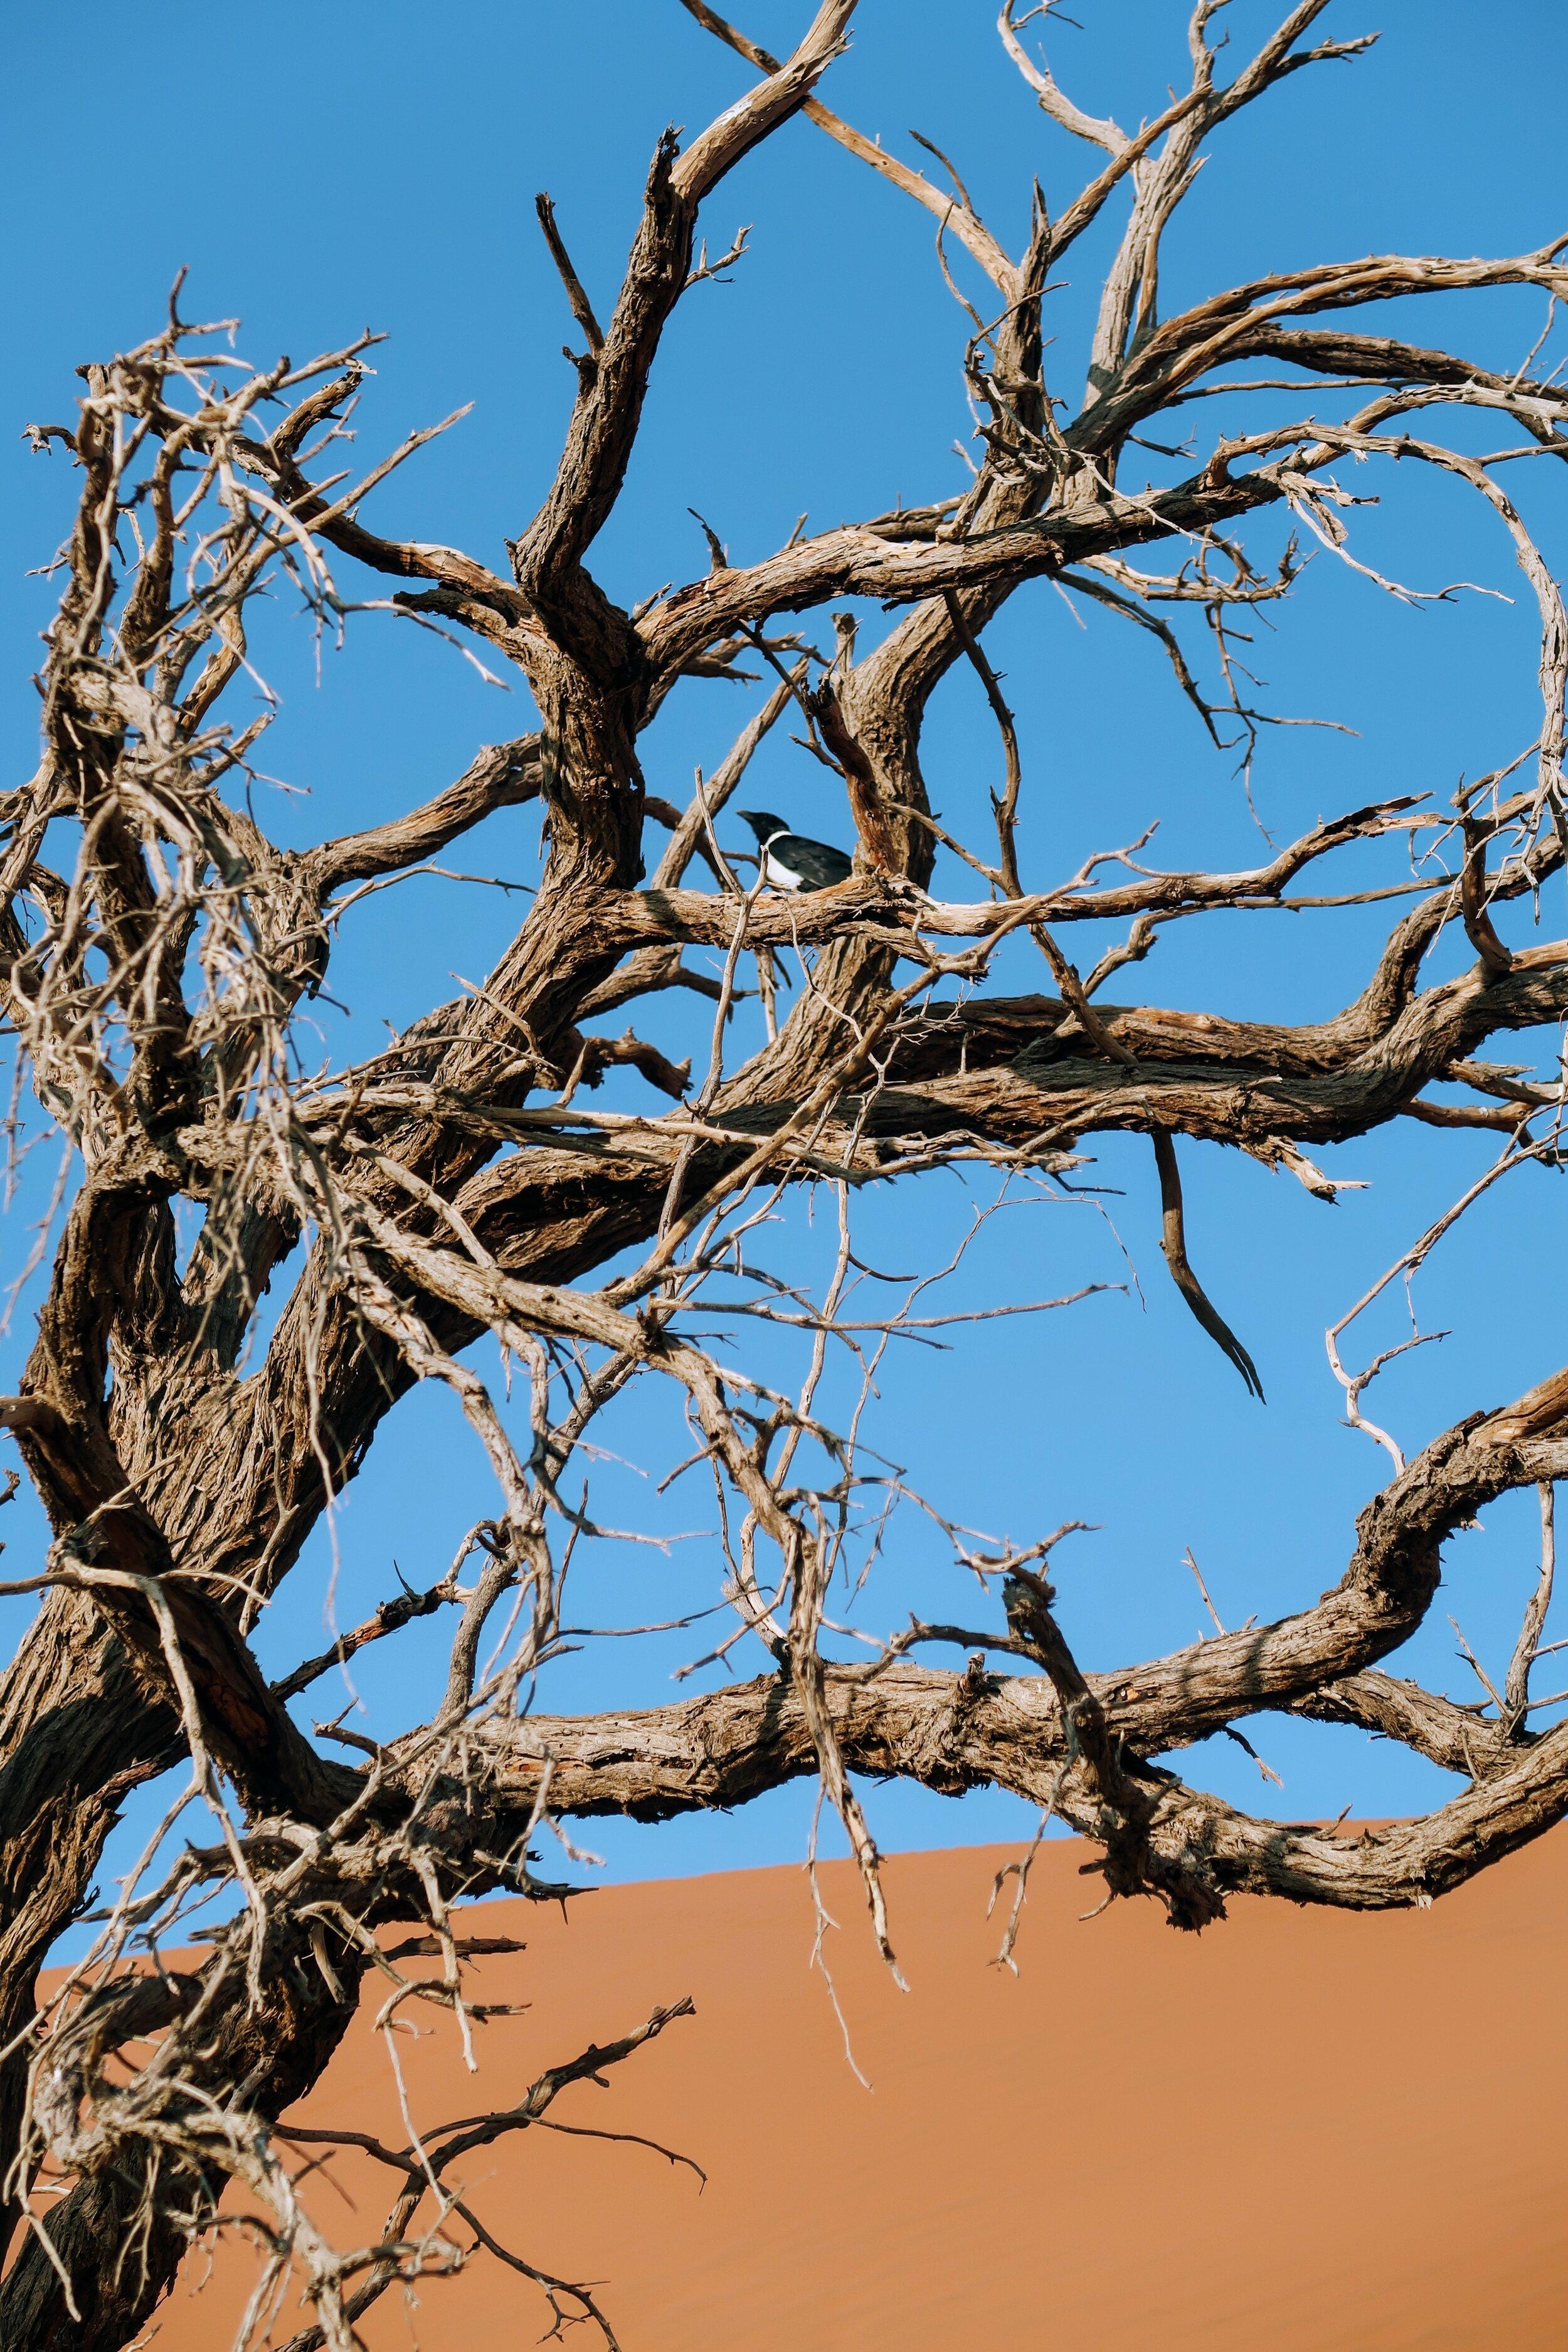 birdlife-sand-dune45-namibia